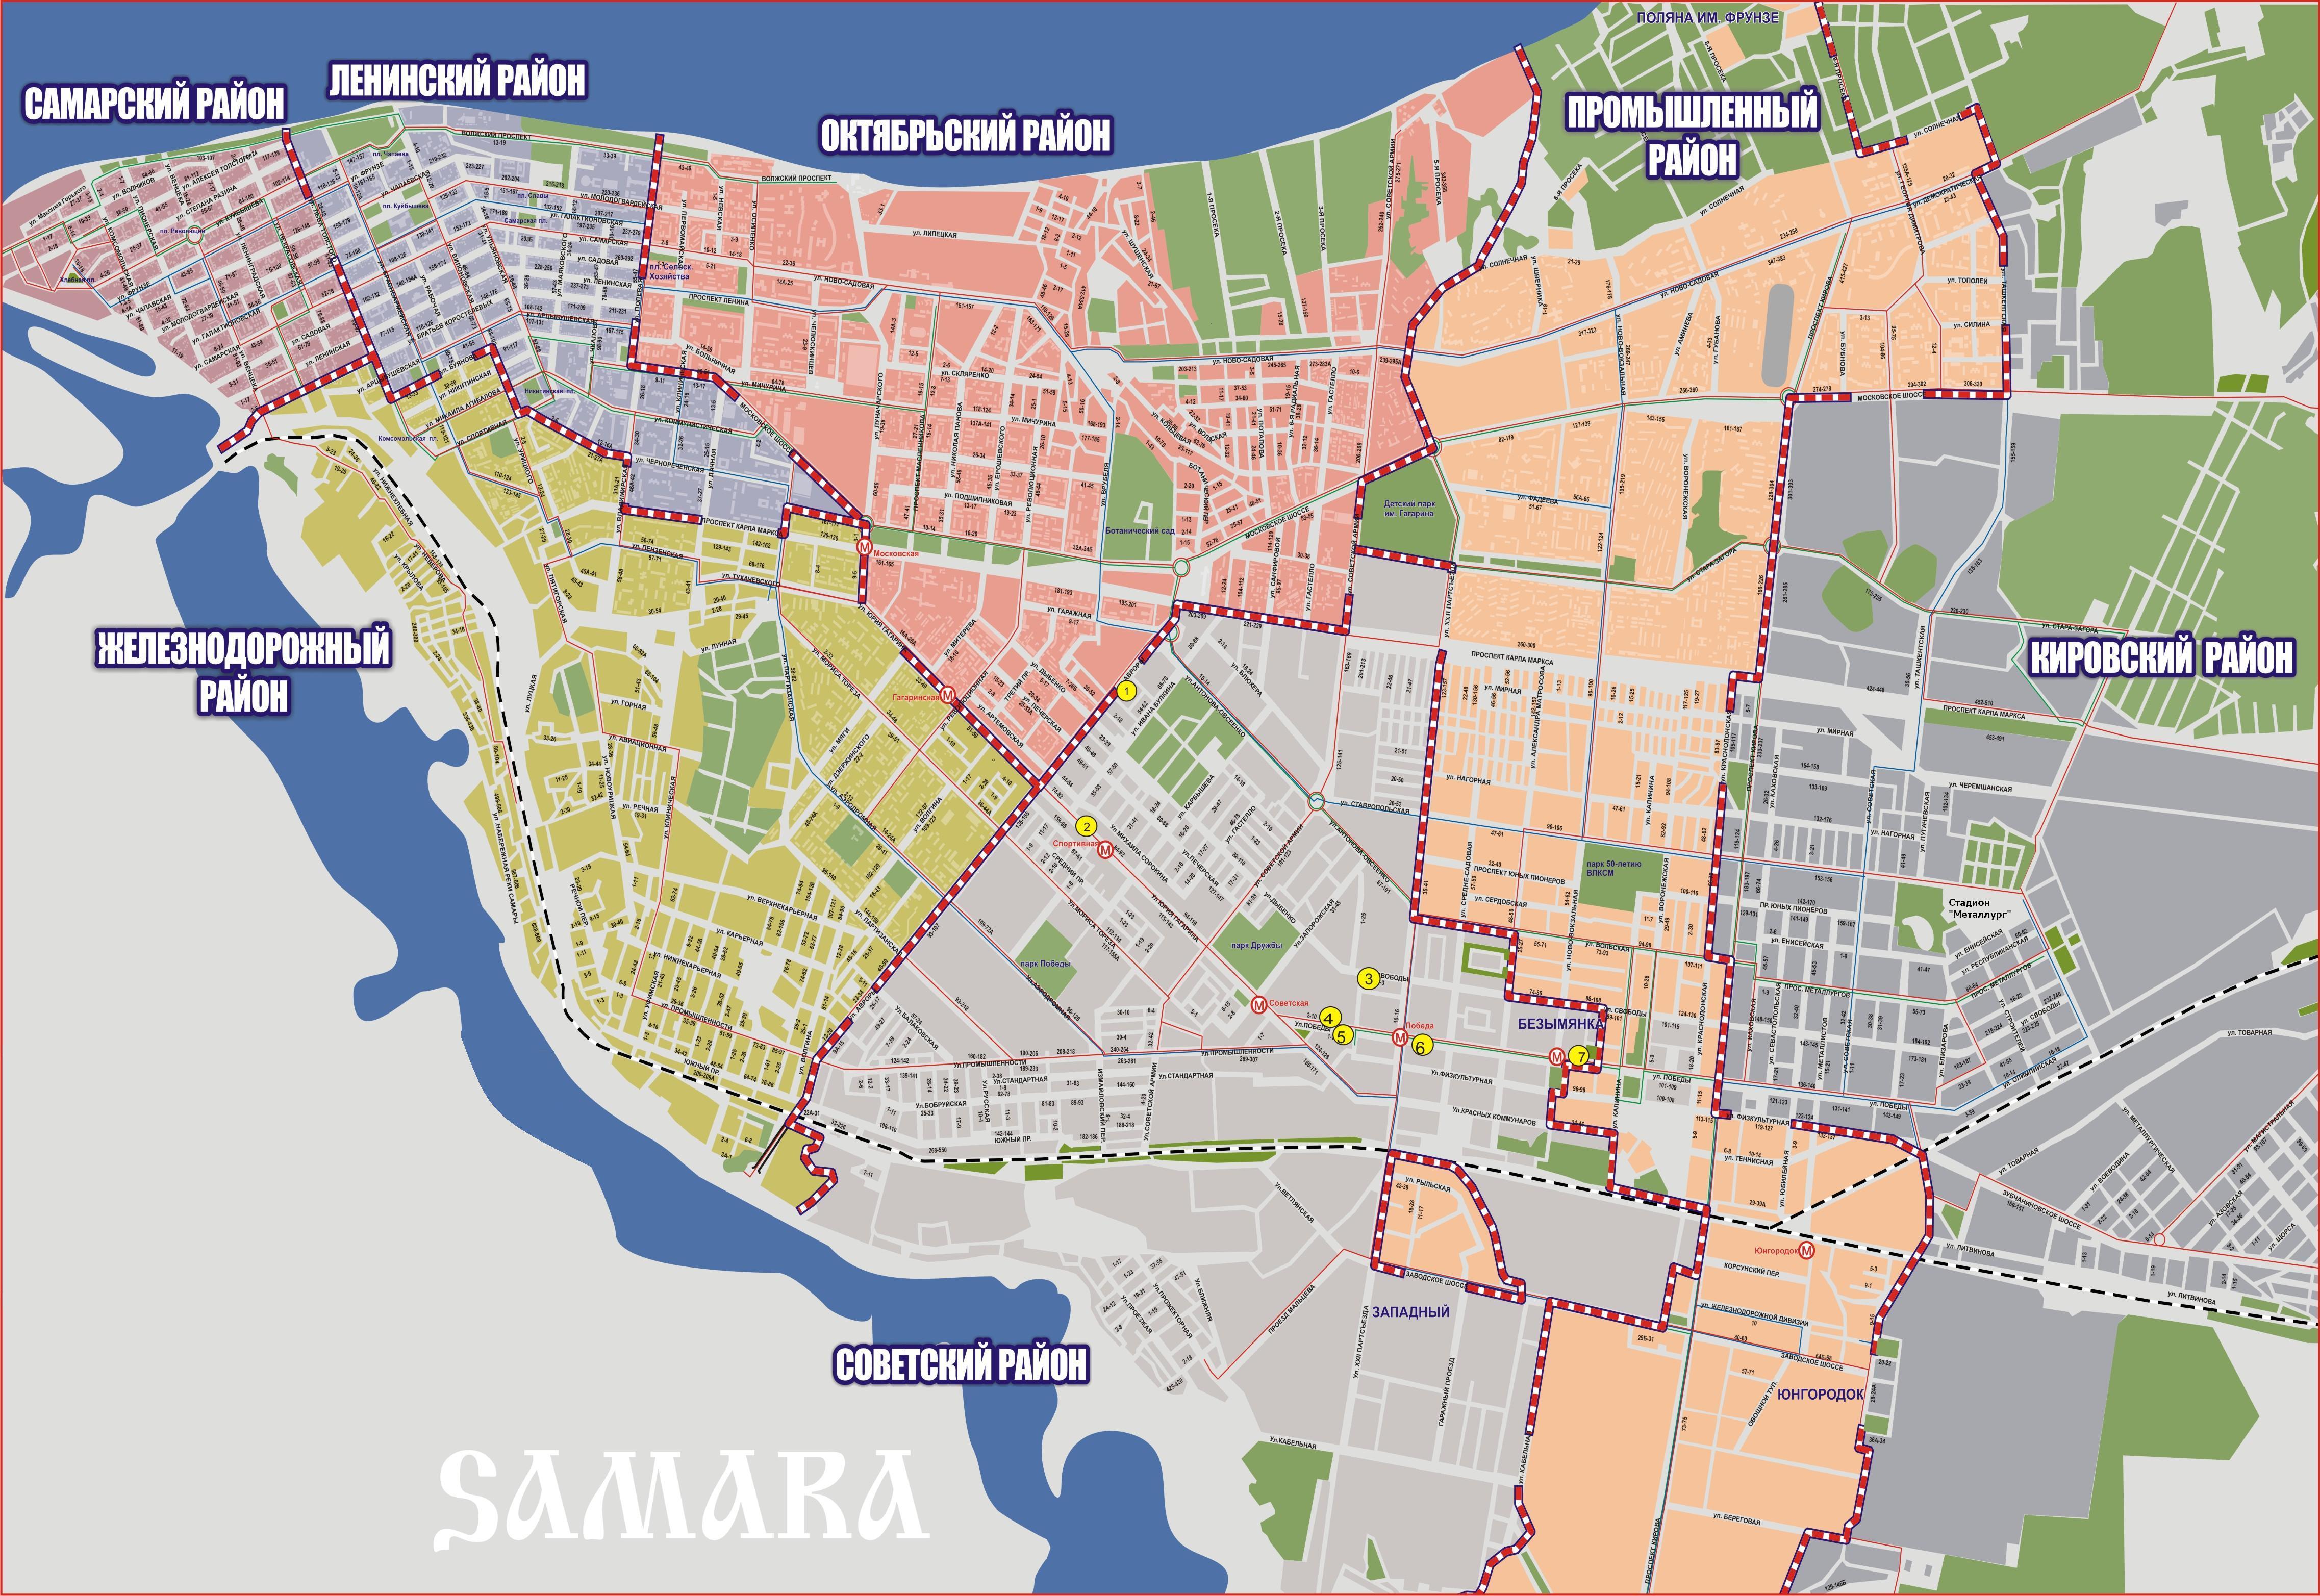 Интерактивная карта 2gis.ru - Интерактивная карта-справочник Fmap.ru - Схема движения транспорта.